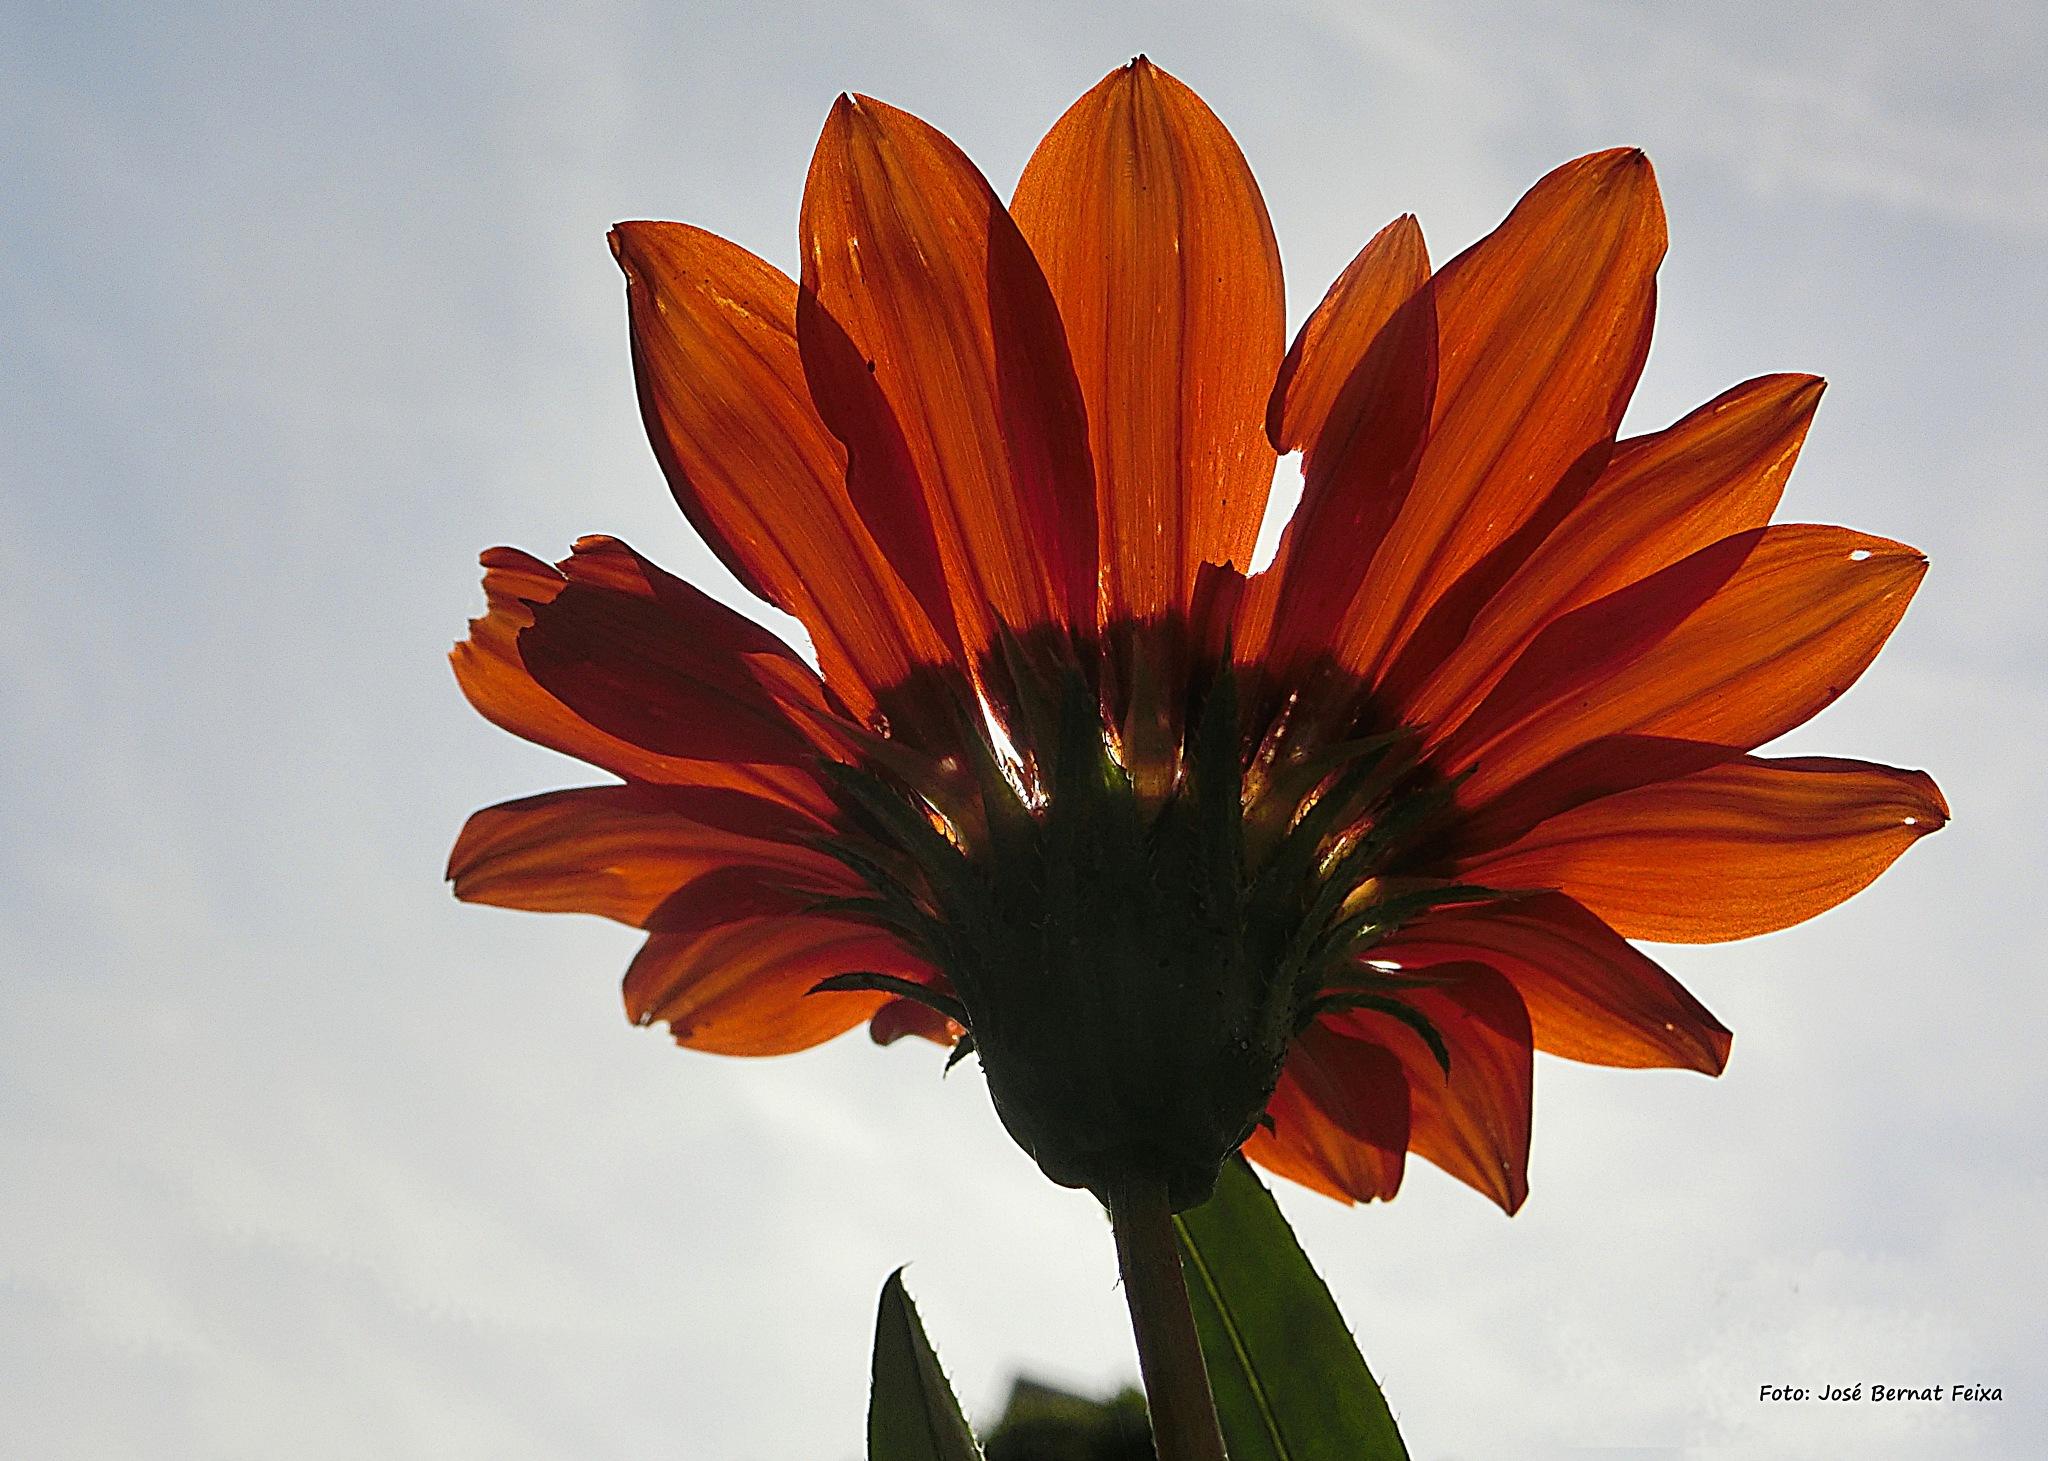 FLOR A CONTRALUZ; BLOEM MET TEGENLICHT; FLOWER WITH BACKLIGHT by José Bernat Feixa